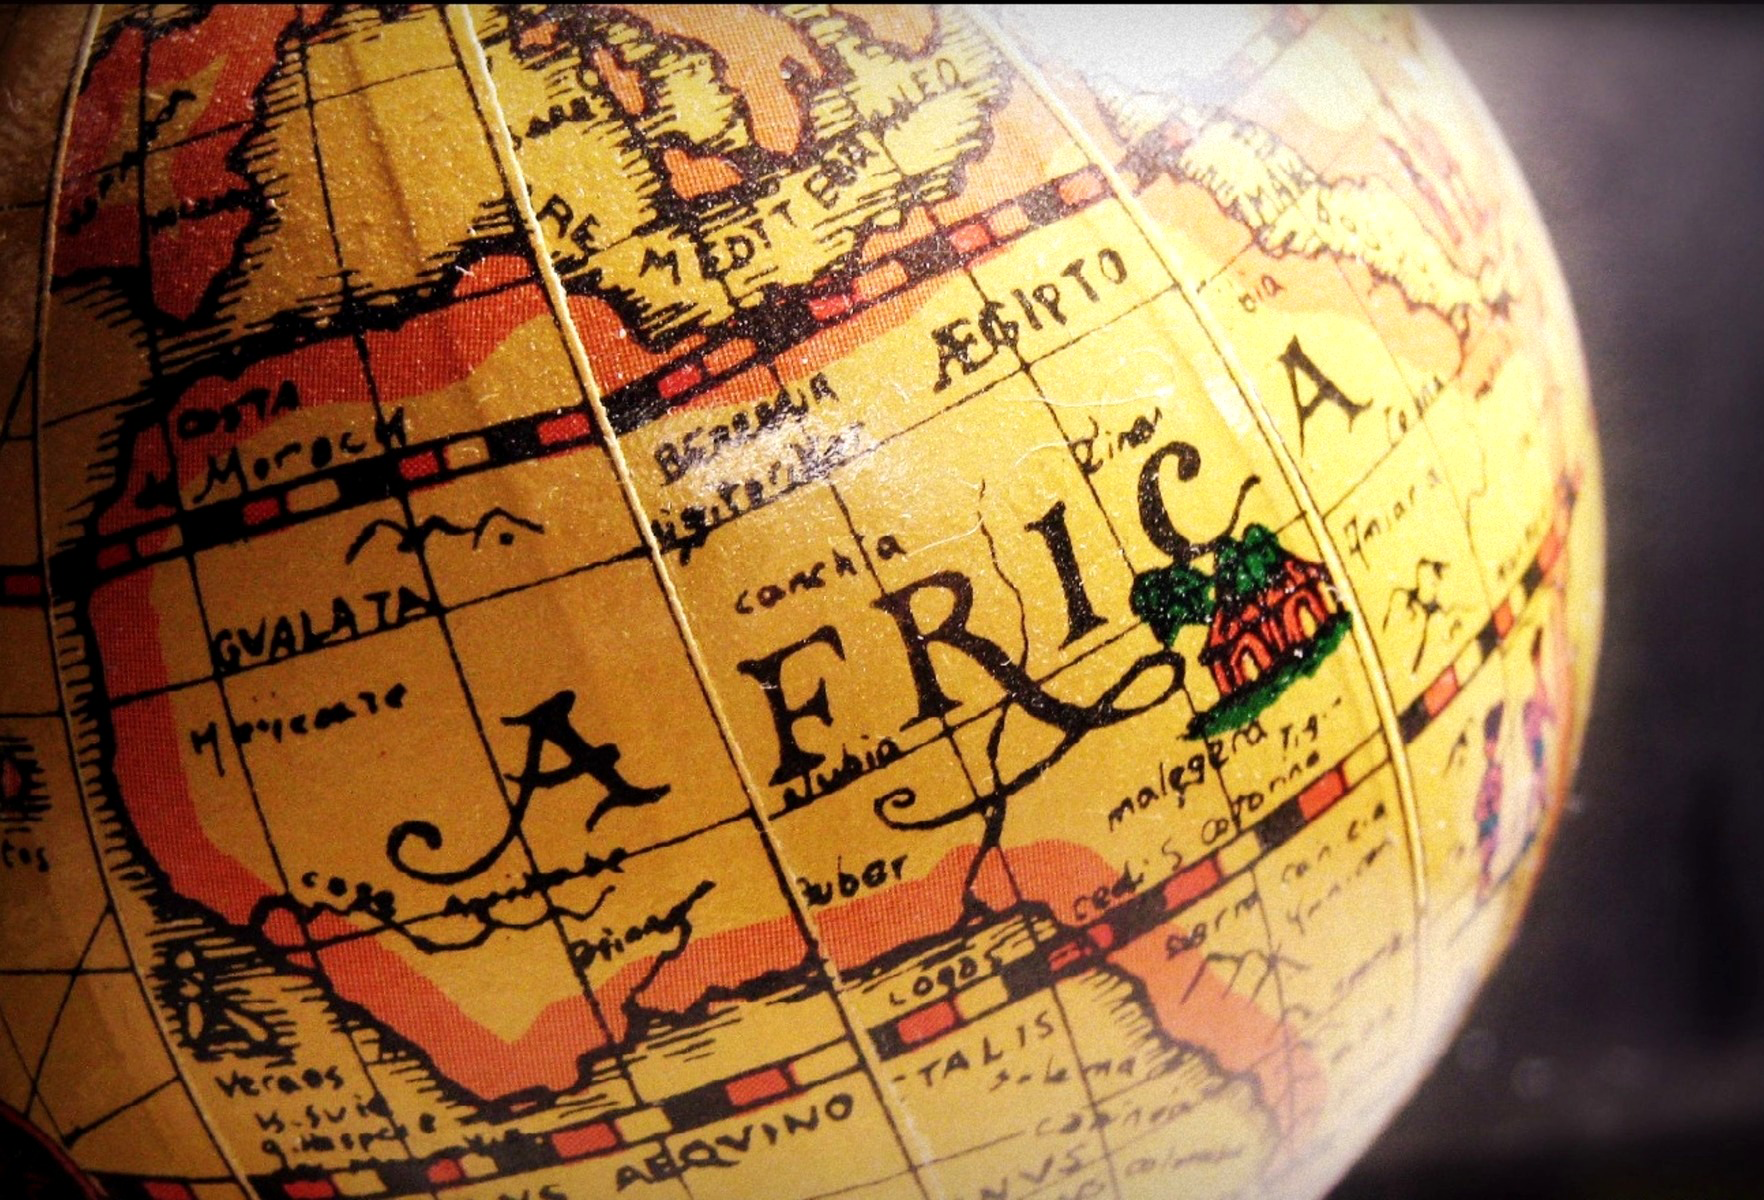 otdyh na zharkom kontinente puteshestvie v afriku 1 Отдых на жарком континенте   Путешествие в Африку